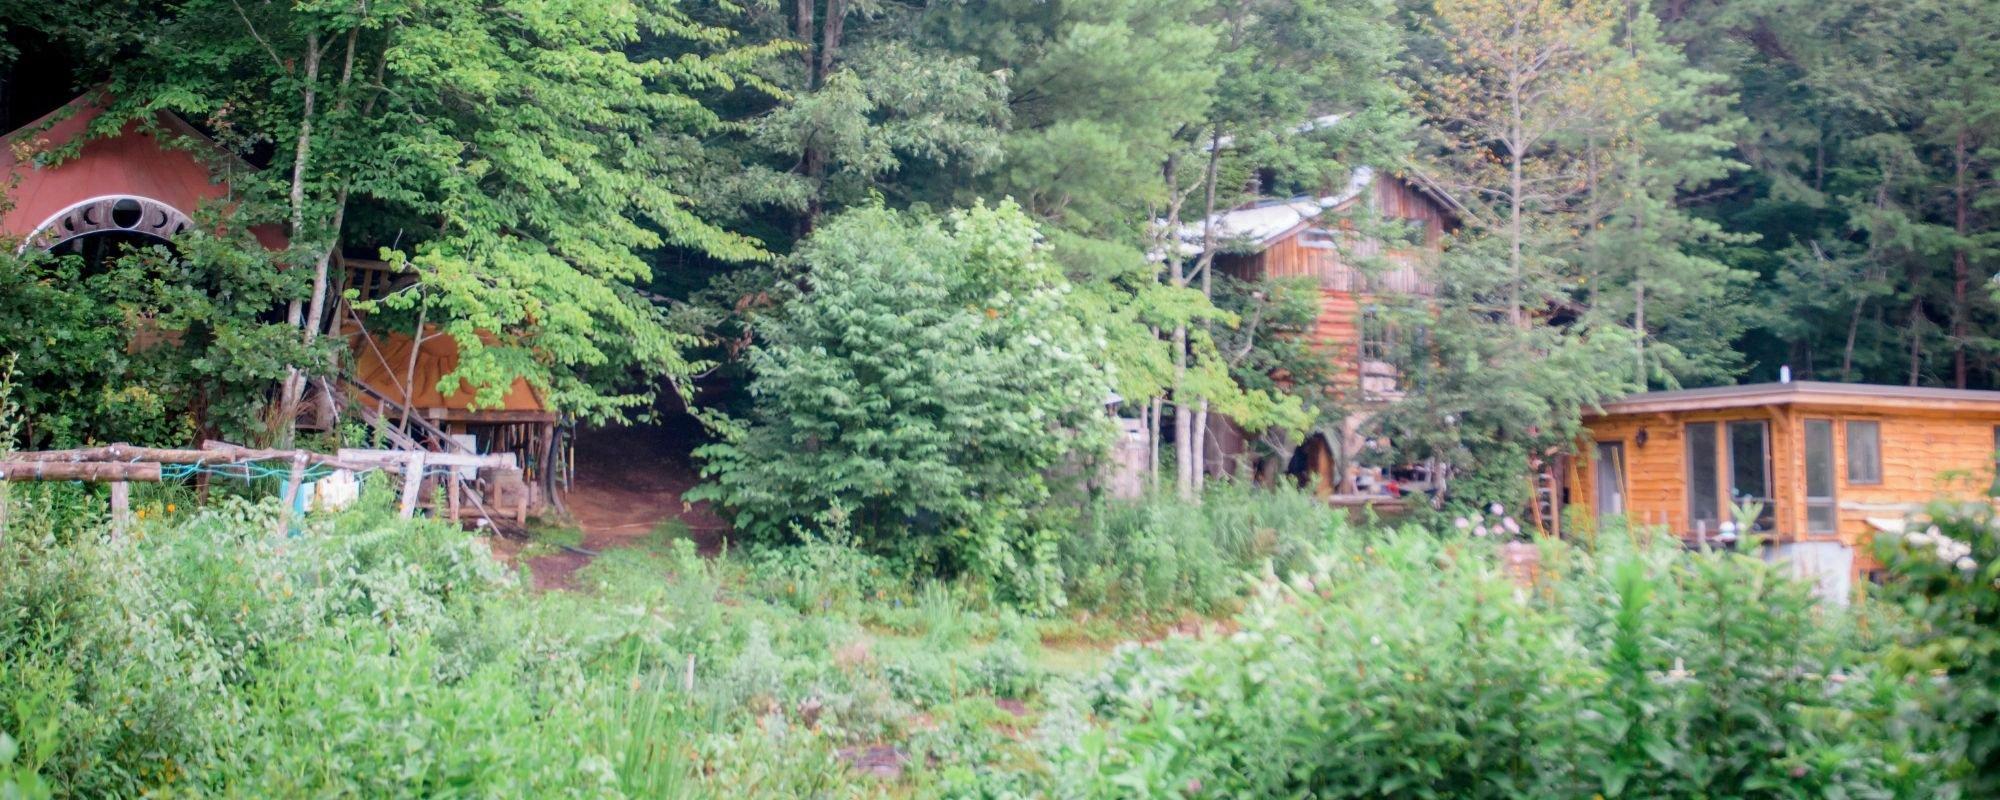 permaculture garden wild abundance homestead campus